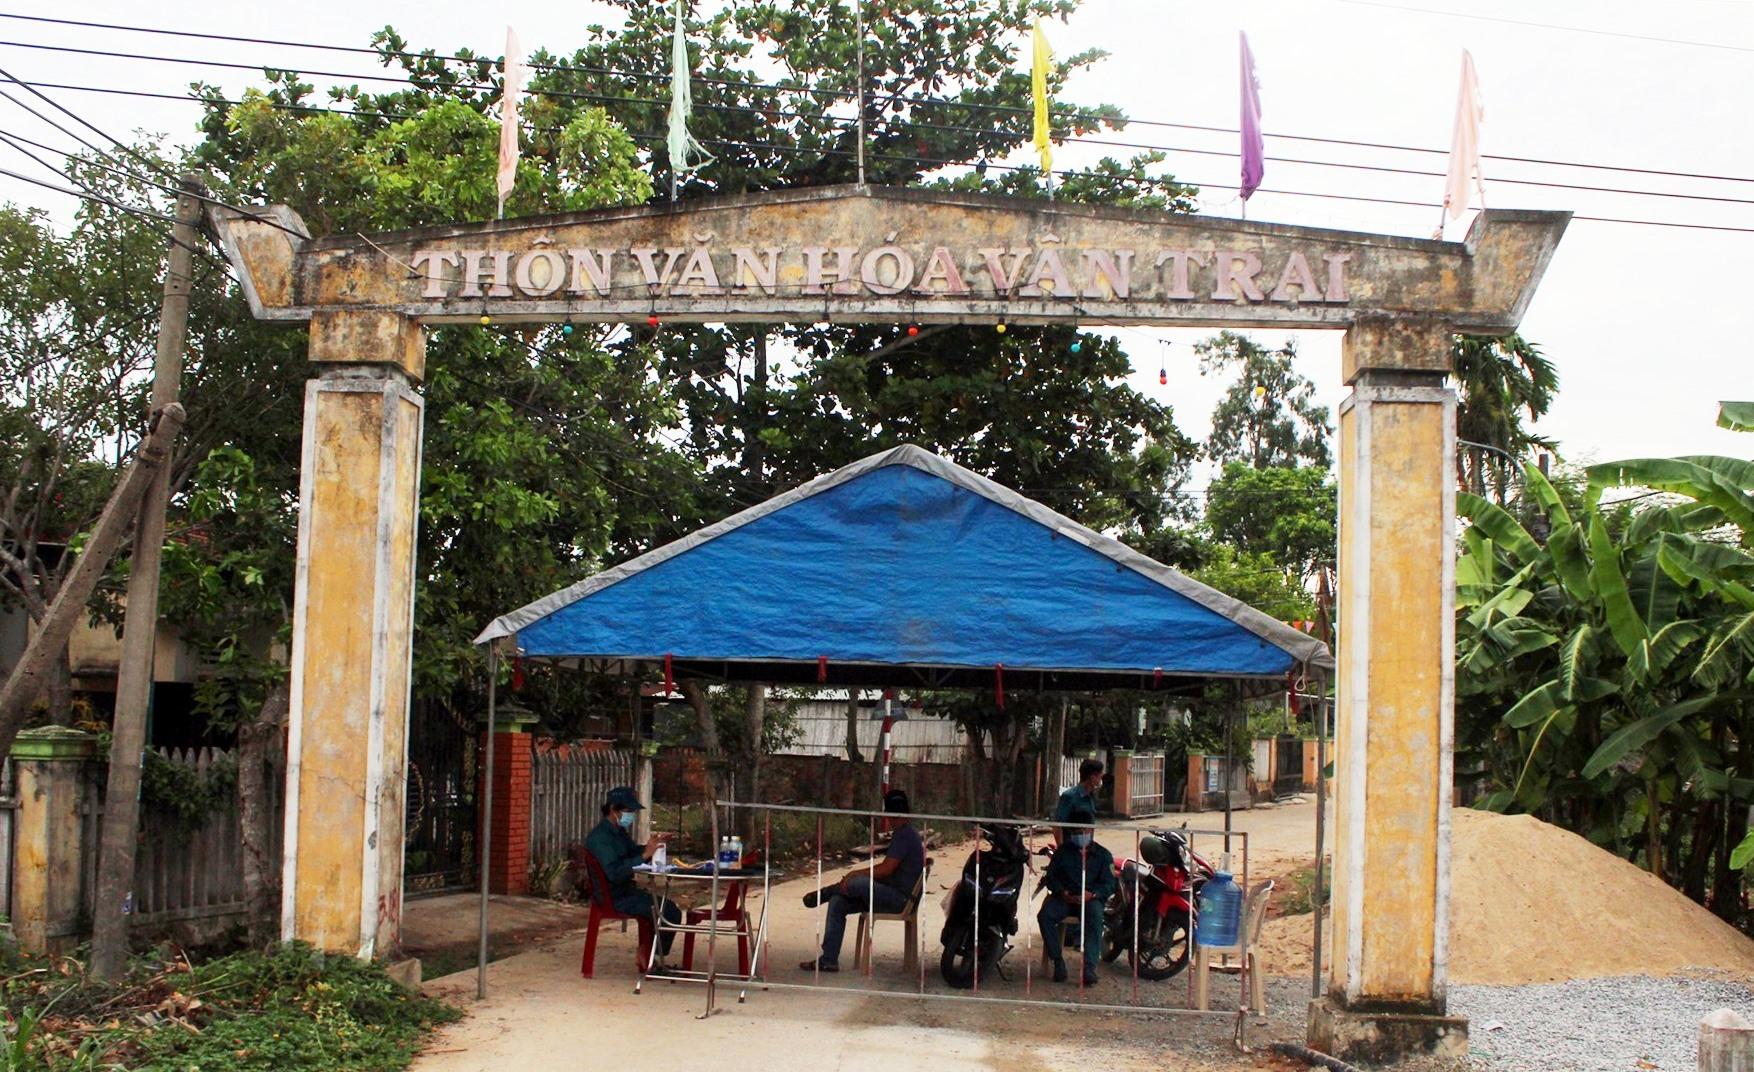 kết thúc phong tỏa tạm thời khu dân cư tổ 4 và tổ 5 của thôn Vân Trai (xã Tam Hiệp)